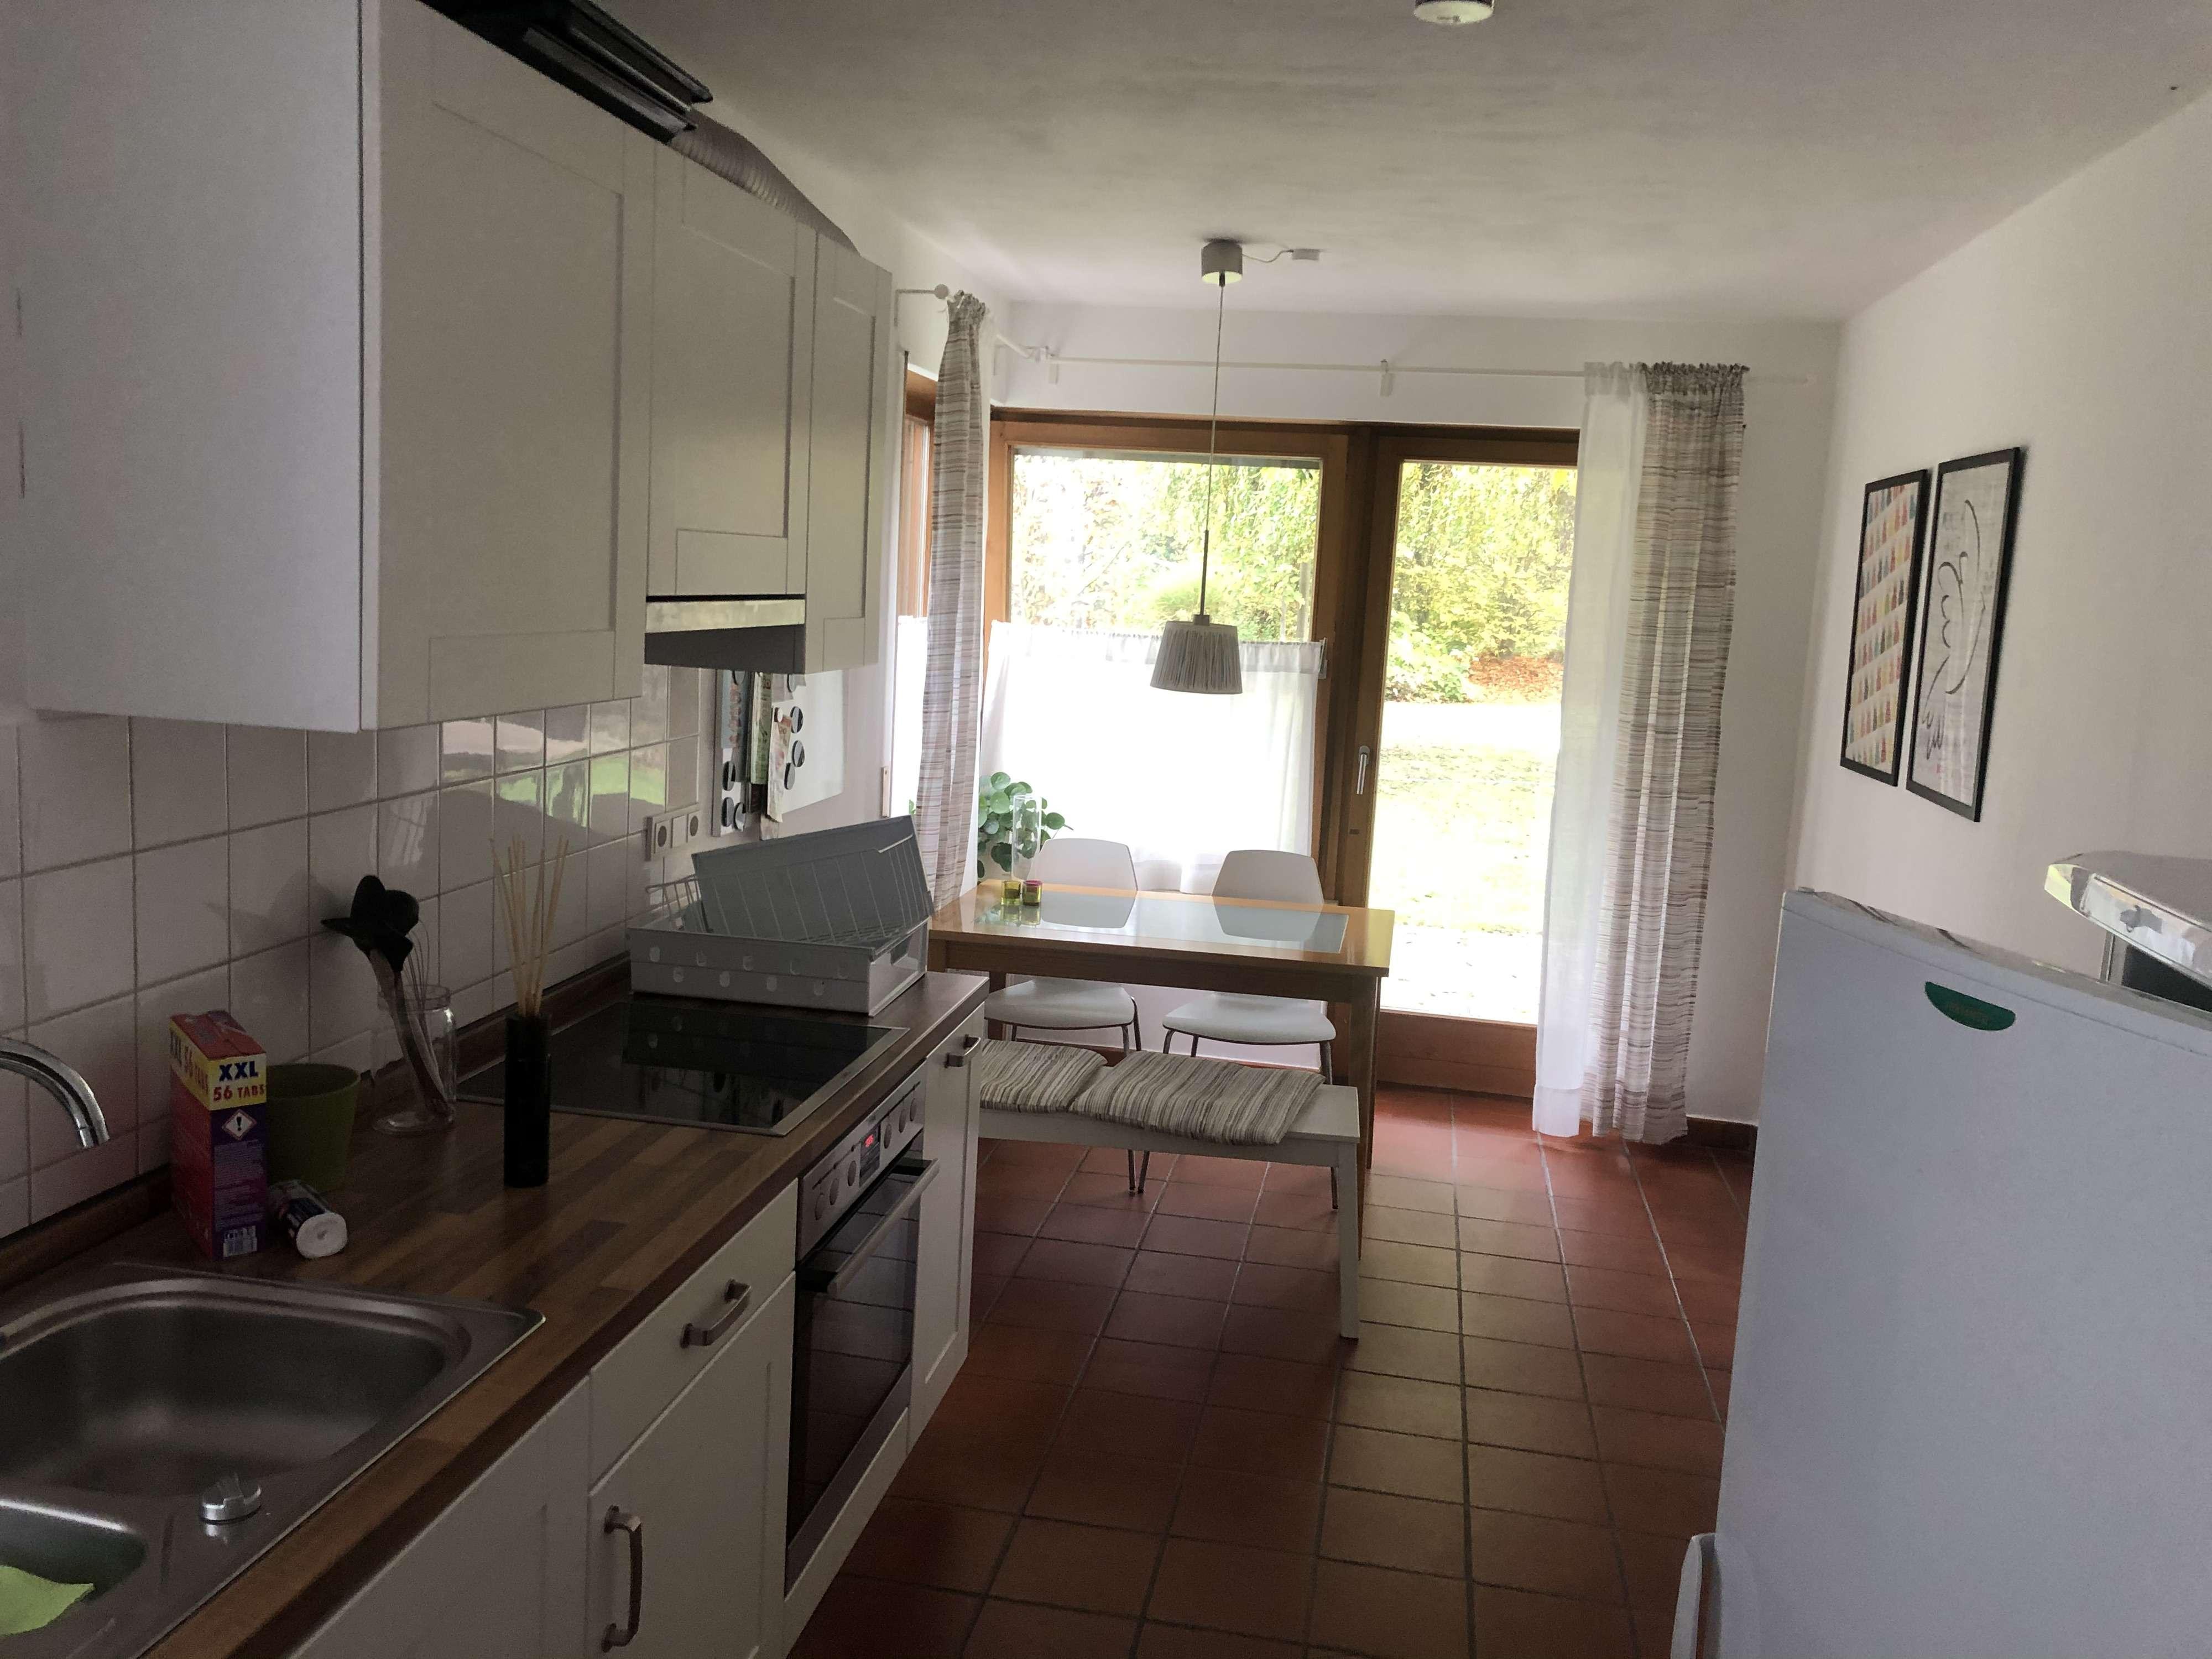 2019 Modernisiert - Zentral gelegene Wohnung in Ingolstadt zur Miete in Südwest (Ingolstadt)